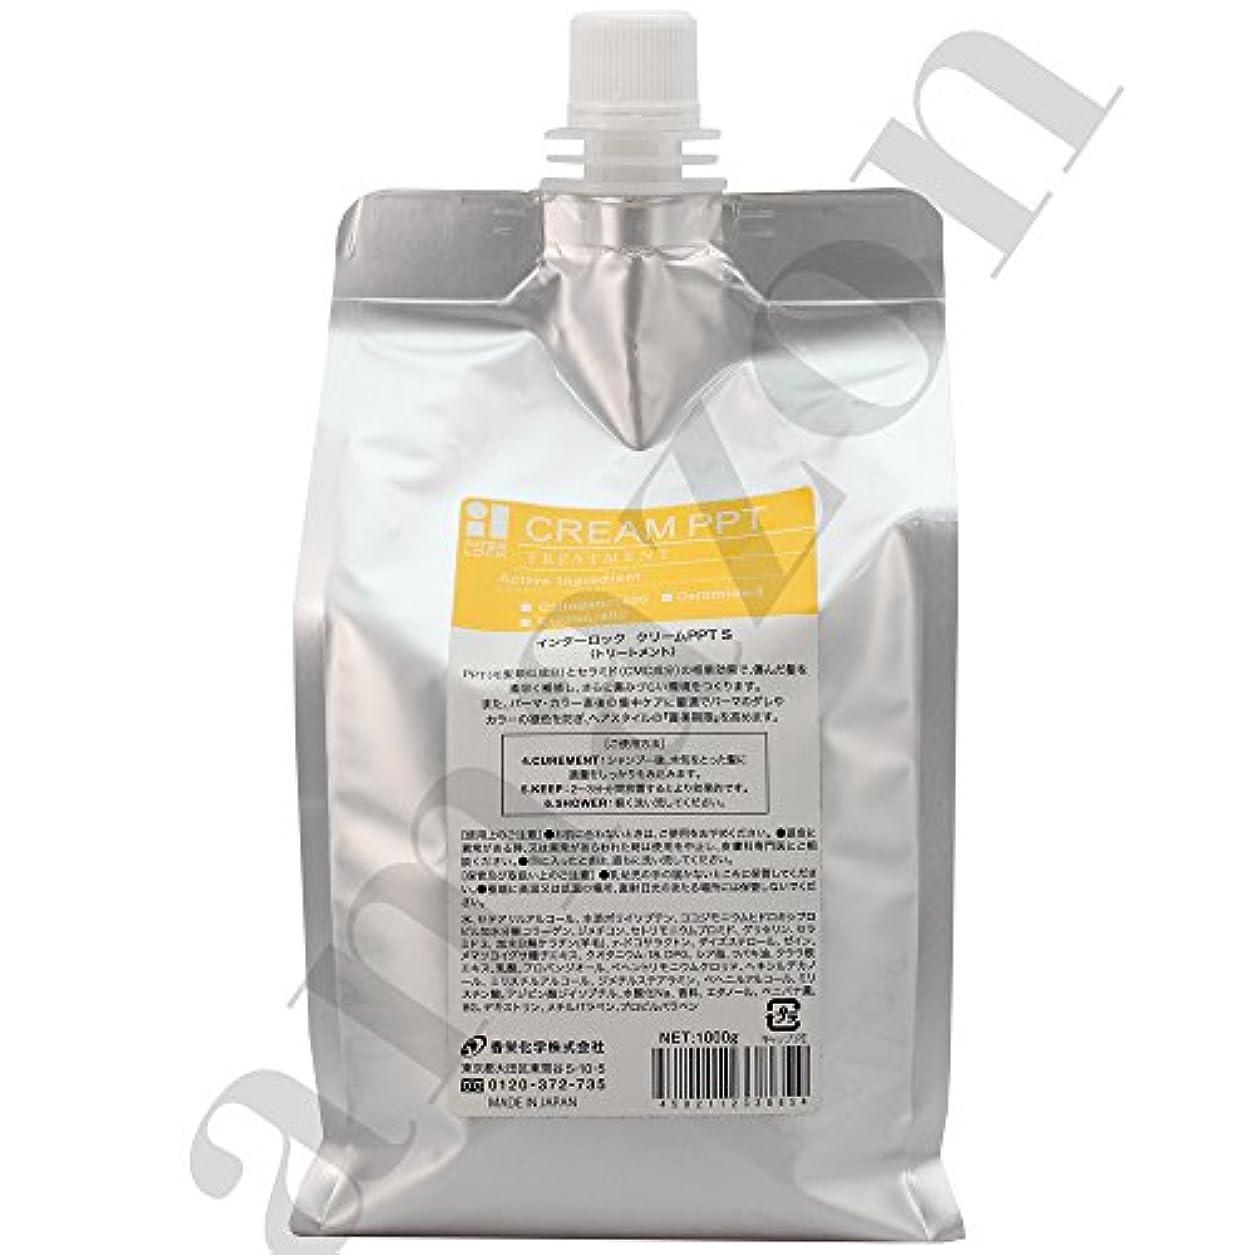 候補者冷えるパラメータ香栄化学 インターロック クリームPPT S レフィル 1000g